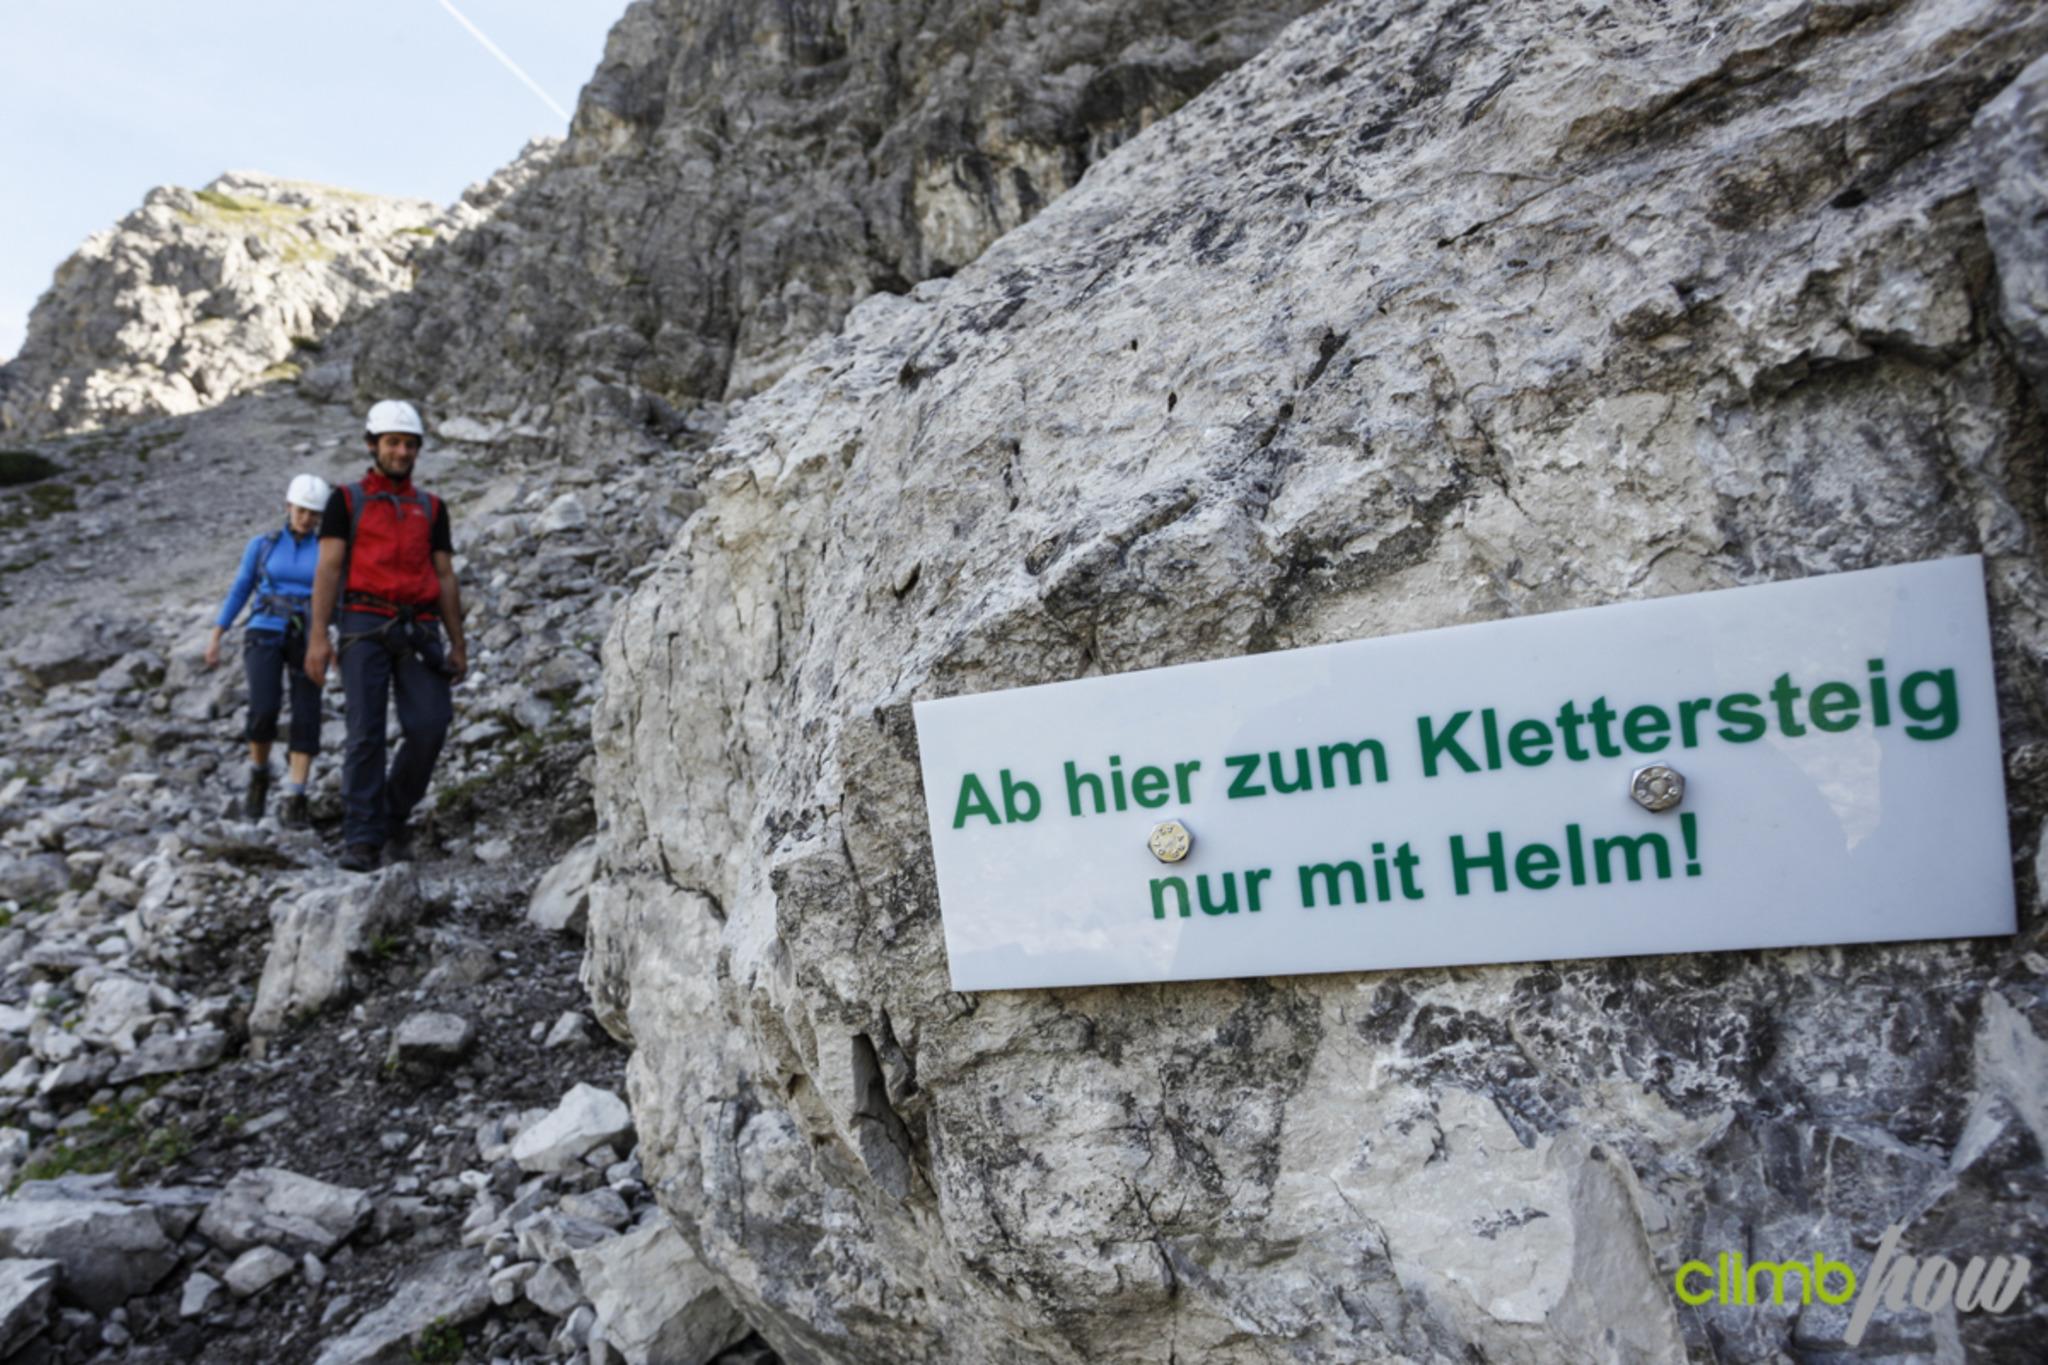 Klettersteig Zirbenwald : Climbhow ferrata in kostenlosen workshops zum klettersteig fan